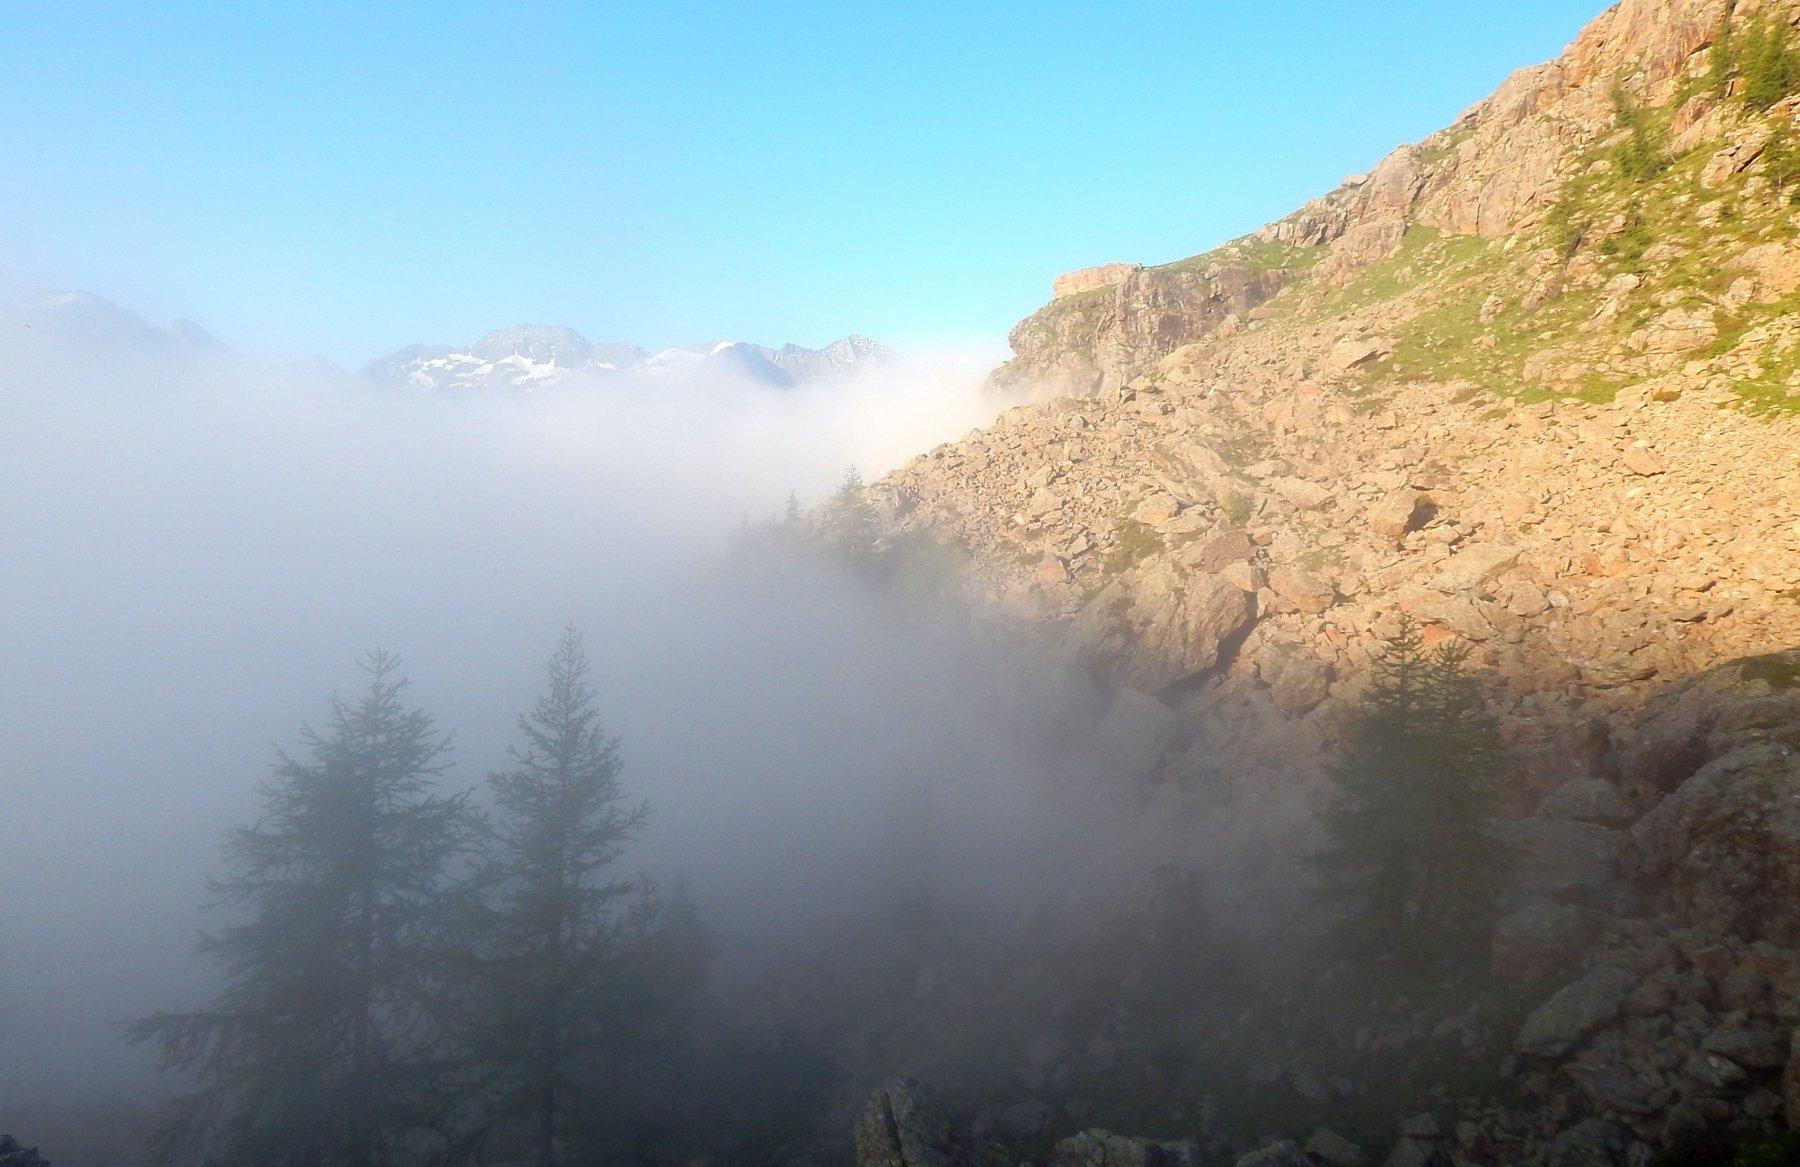 La nebbia, sale ma senza raggiungerci.